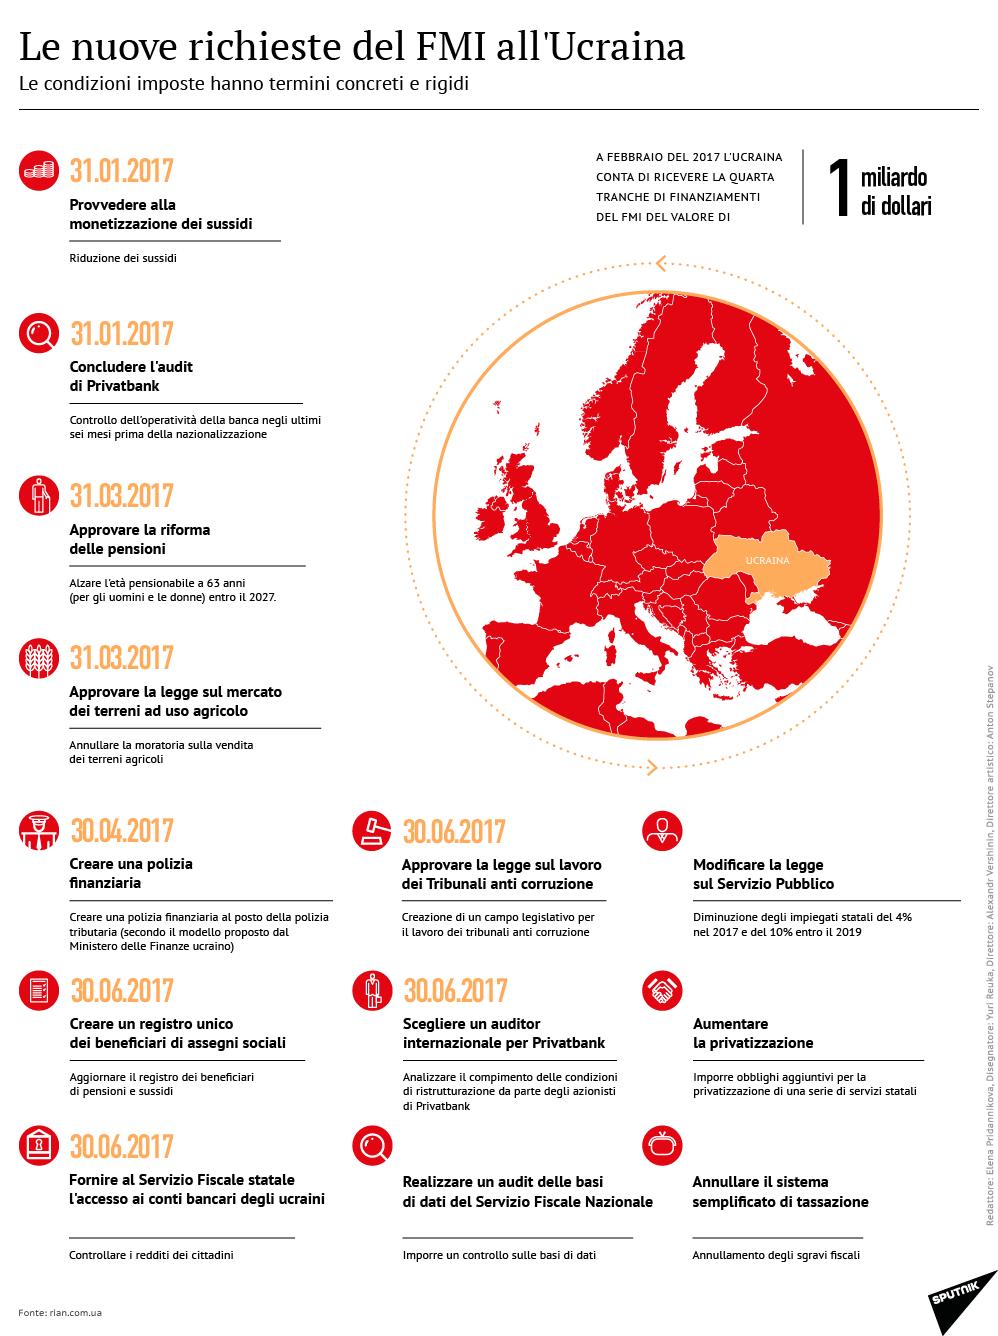 Le nuove richieste del FMI all'Ucraina